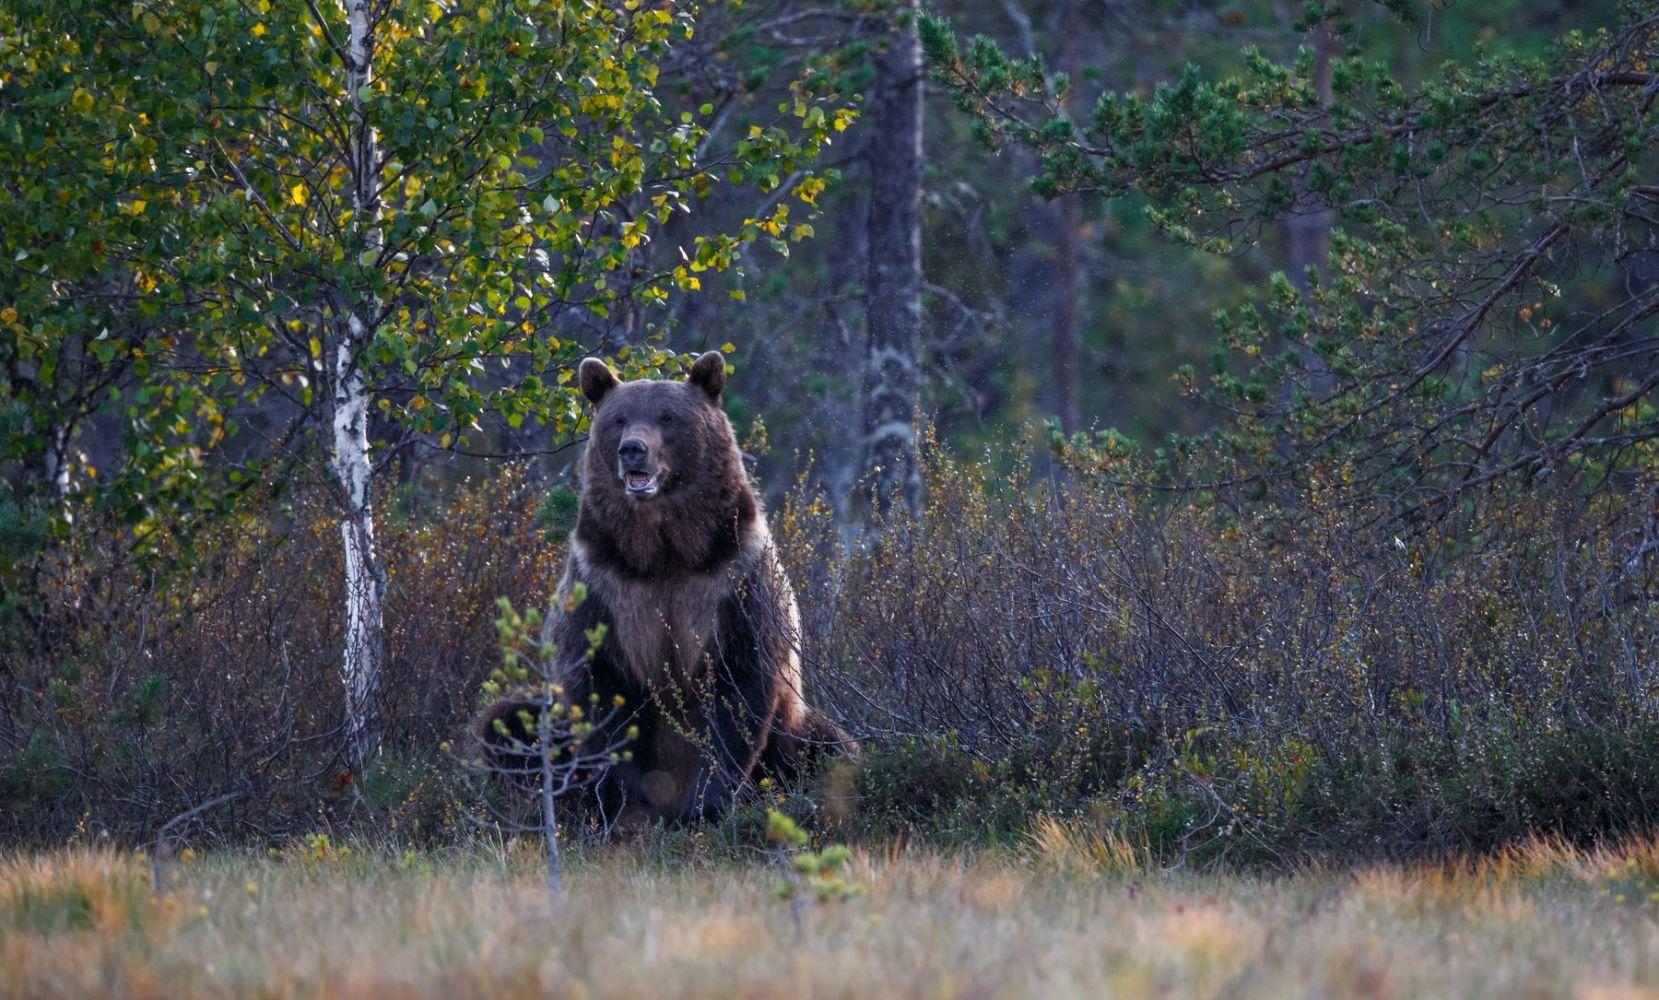 фото медведя в осеннем лесу время движения опорная